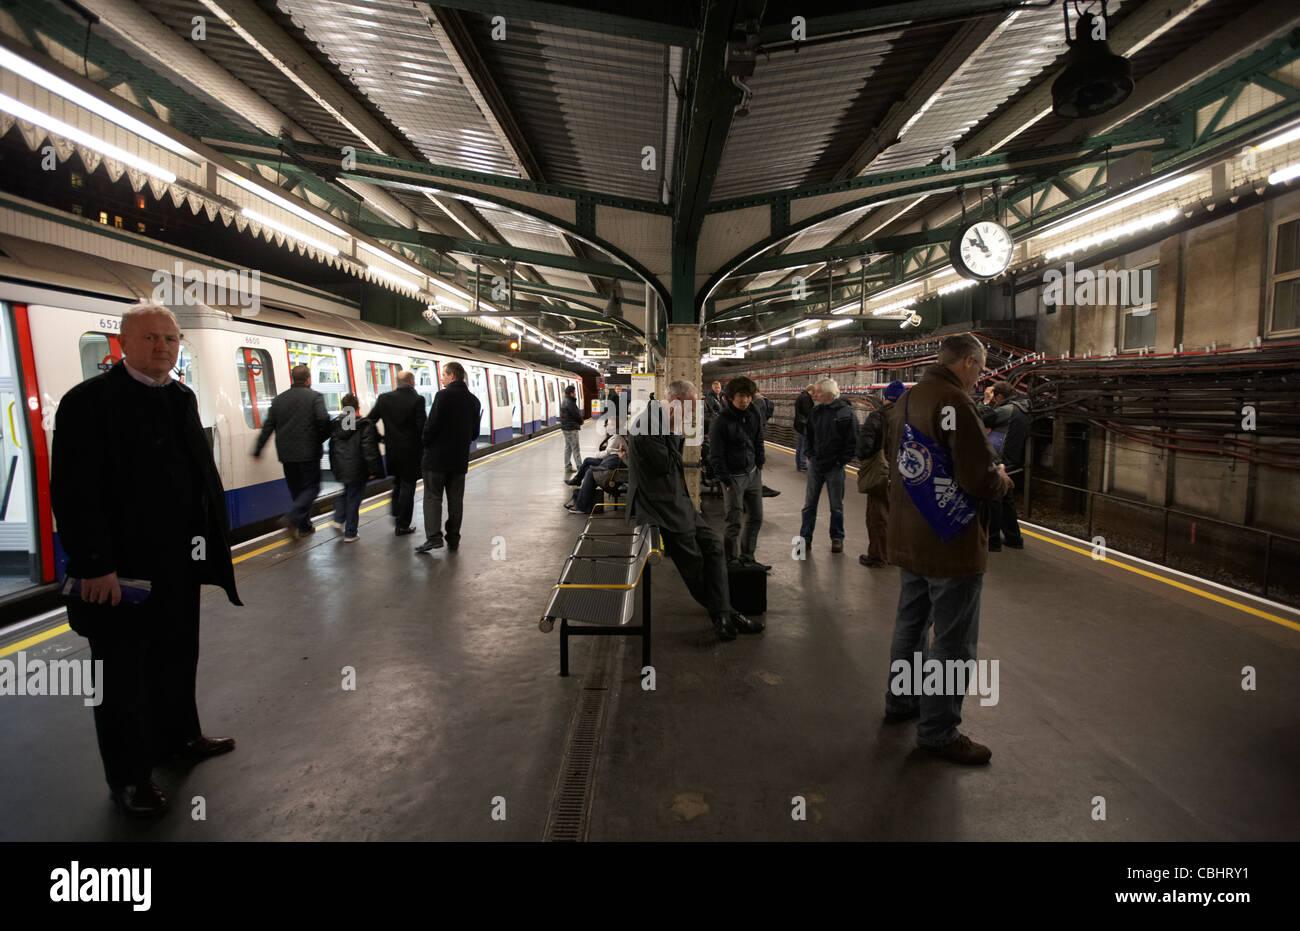 passengers waiting for delayed train at edgware road station london underground england united kingdom uk - Stock Image